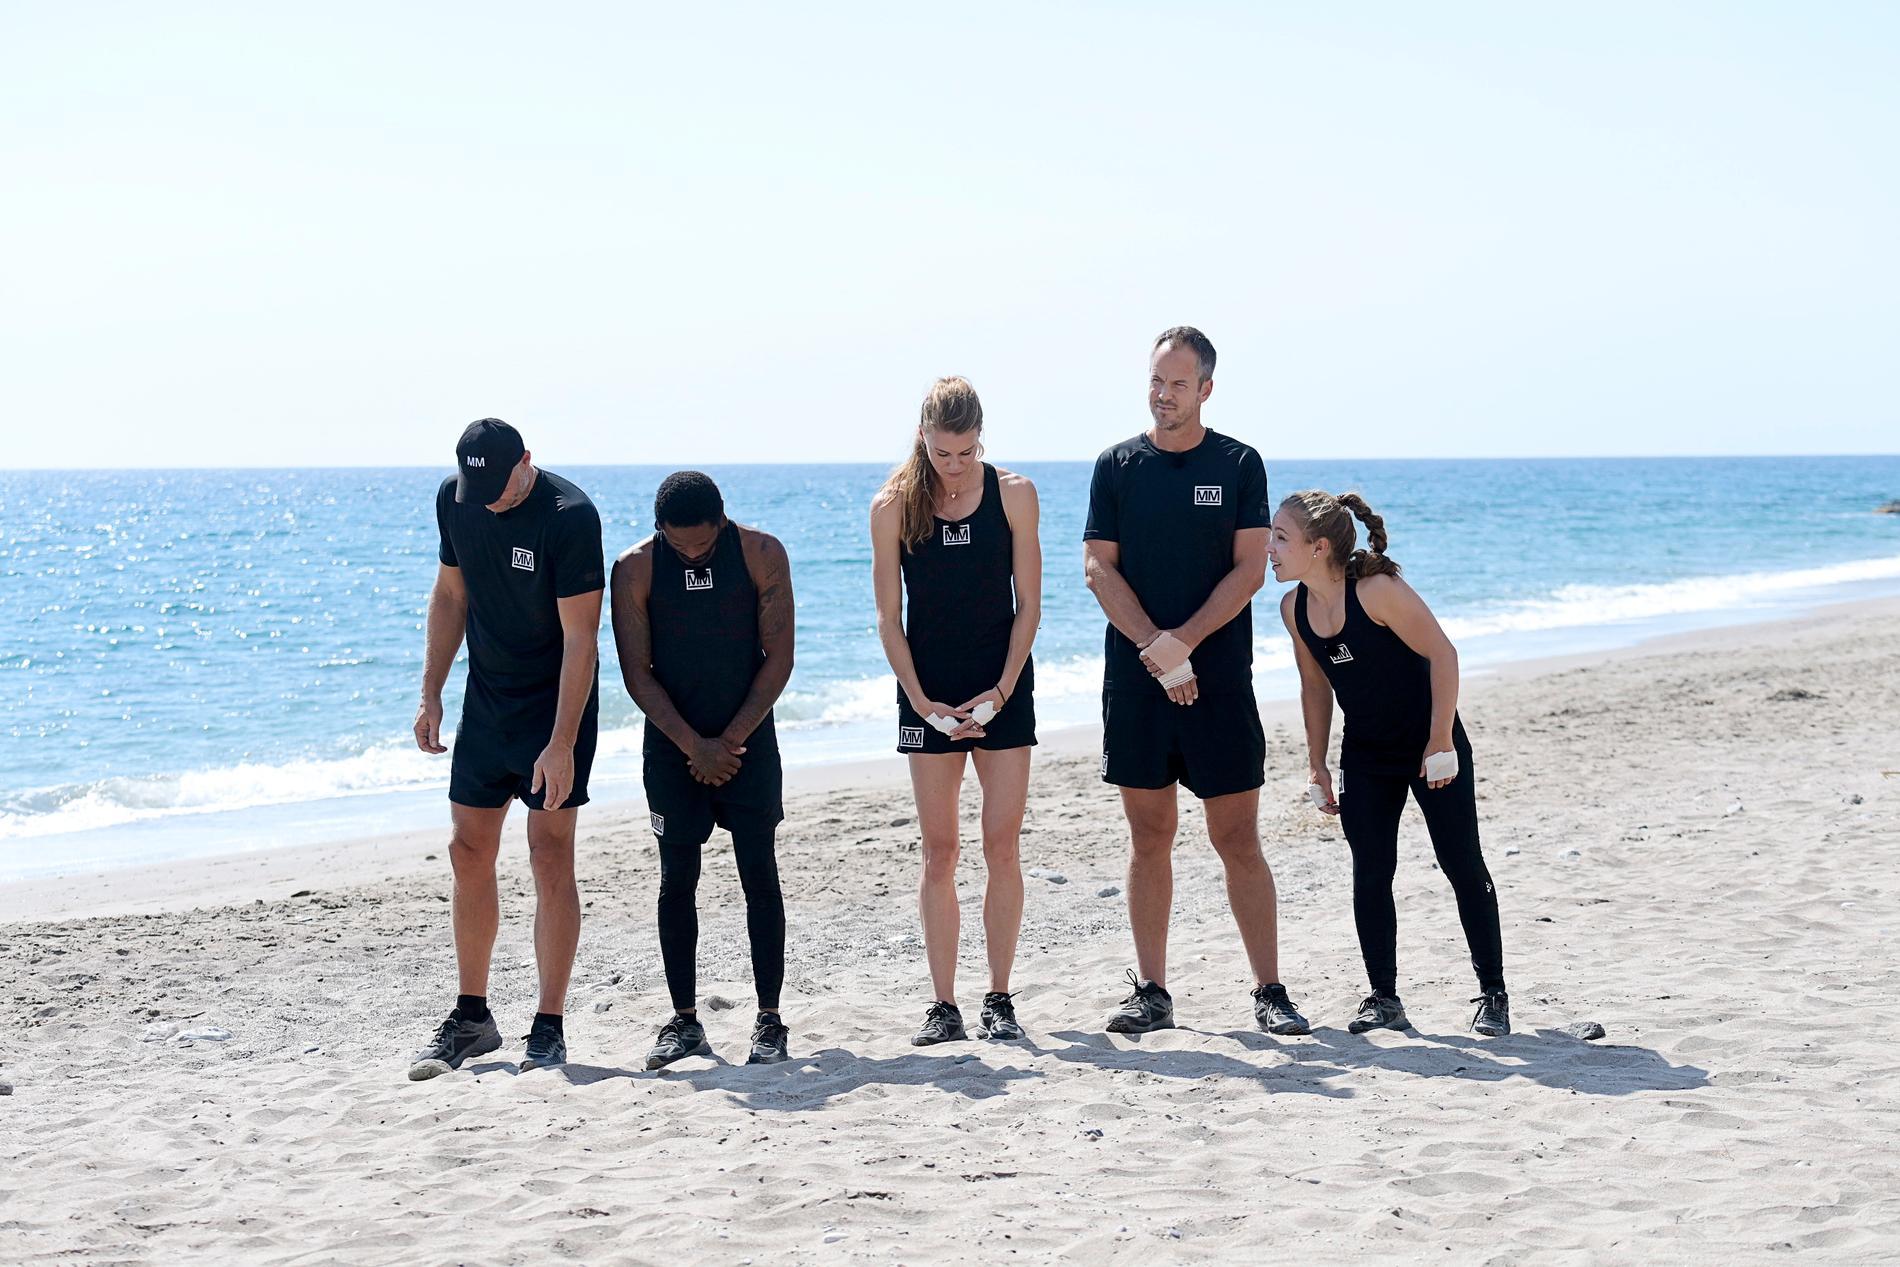 """""""Det var lite kul precis när vi skulle starta tävlingen och såg en man komma upp från stranden naken, då tappade man fokus lite grann"""", säger Ola Lindgren."""